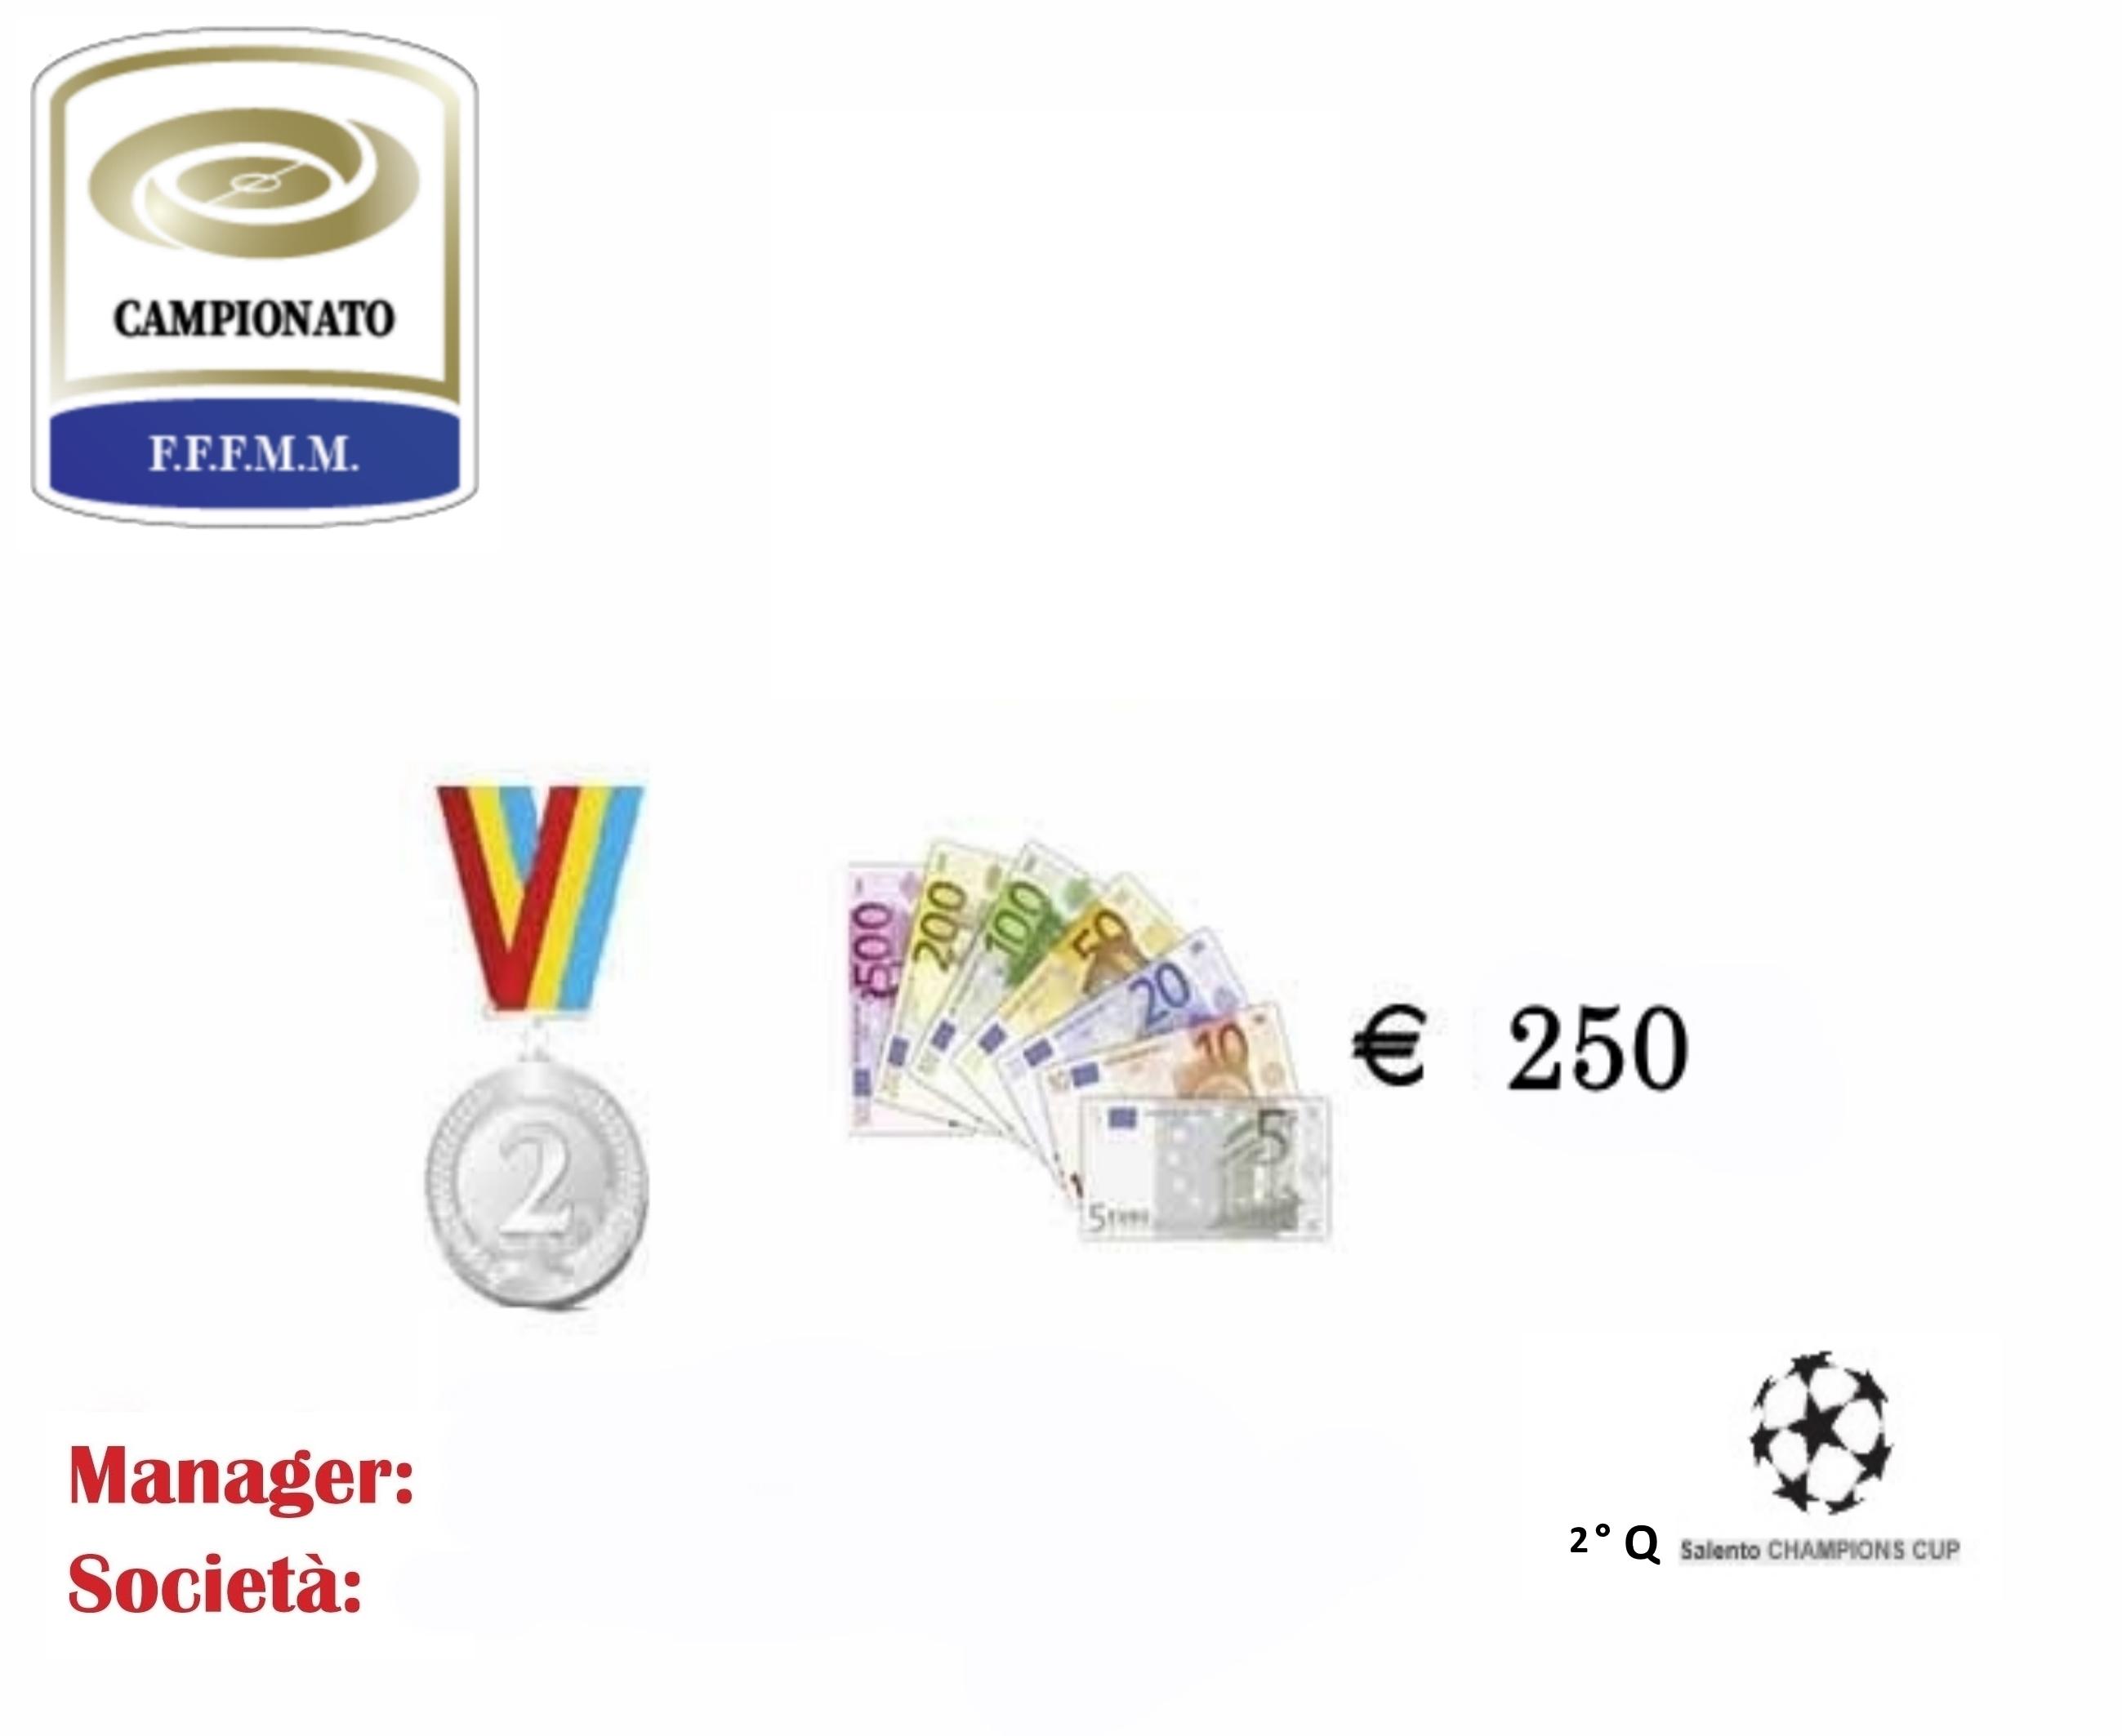 busta_campionato_argento